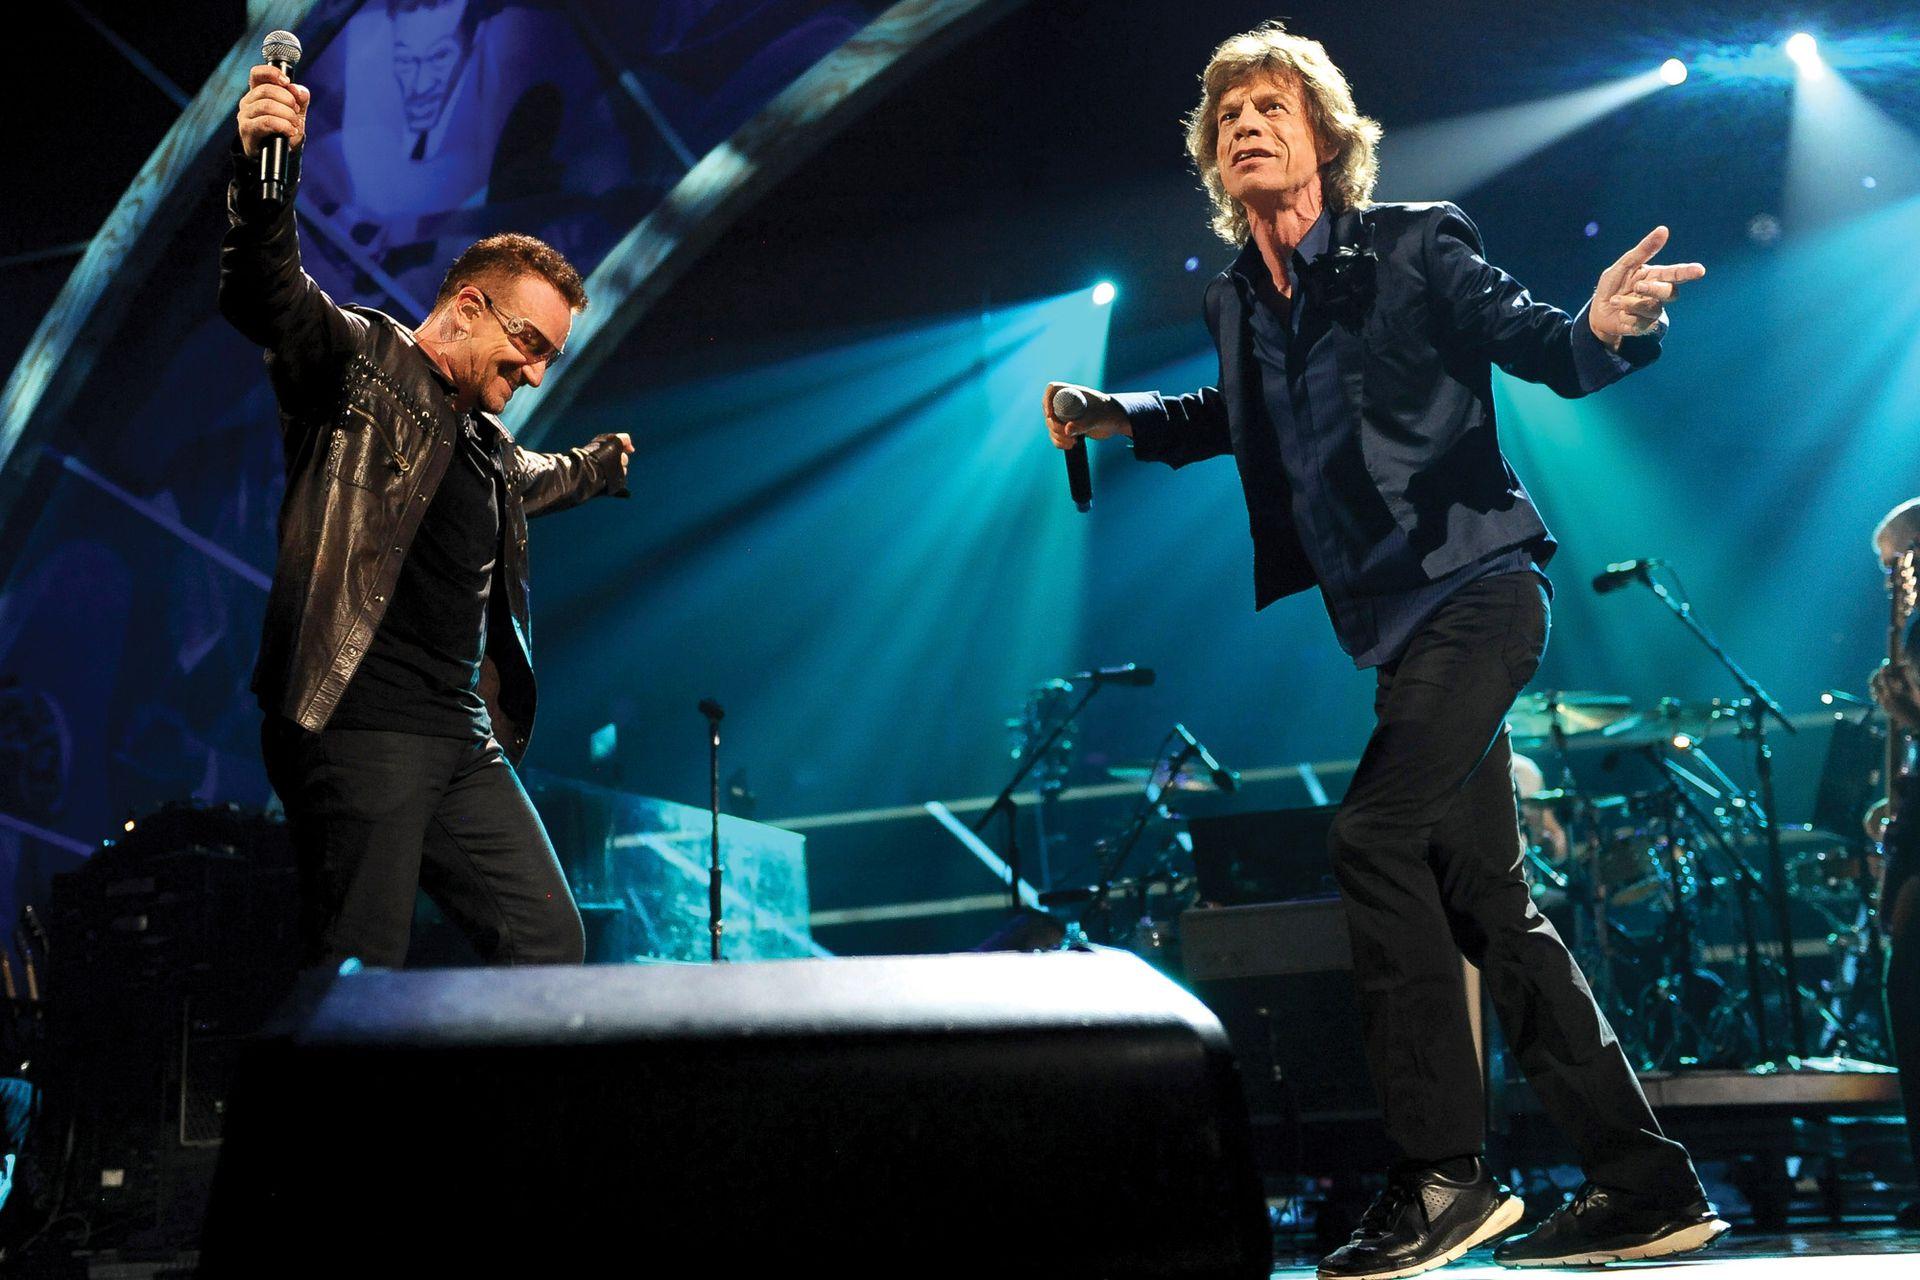 Rock and Roll Hall of Fame/Concierto 25° aniversario/octubre 29-30, 2009: Con U2, Bruce Springsteen, Aretha Franklin y más, los shows en el Madison Square Garden de Nueva York fueron un sueño para los fans del rock, con todos los artistas ofreciendo sets ardientes e inolvidables